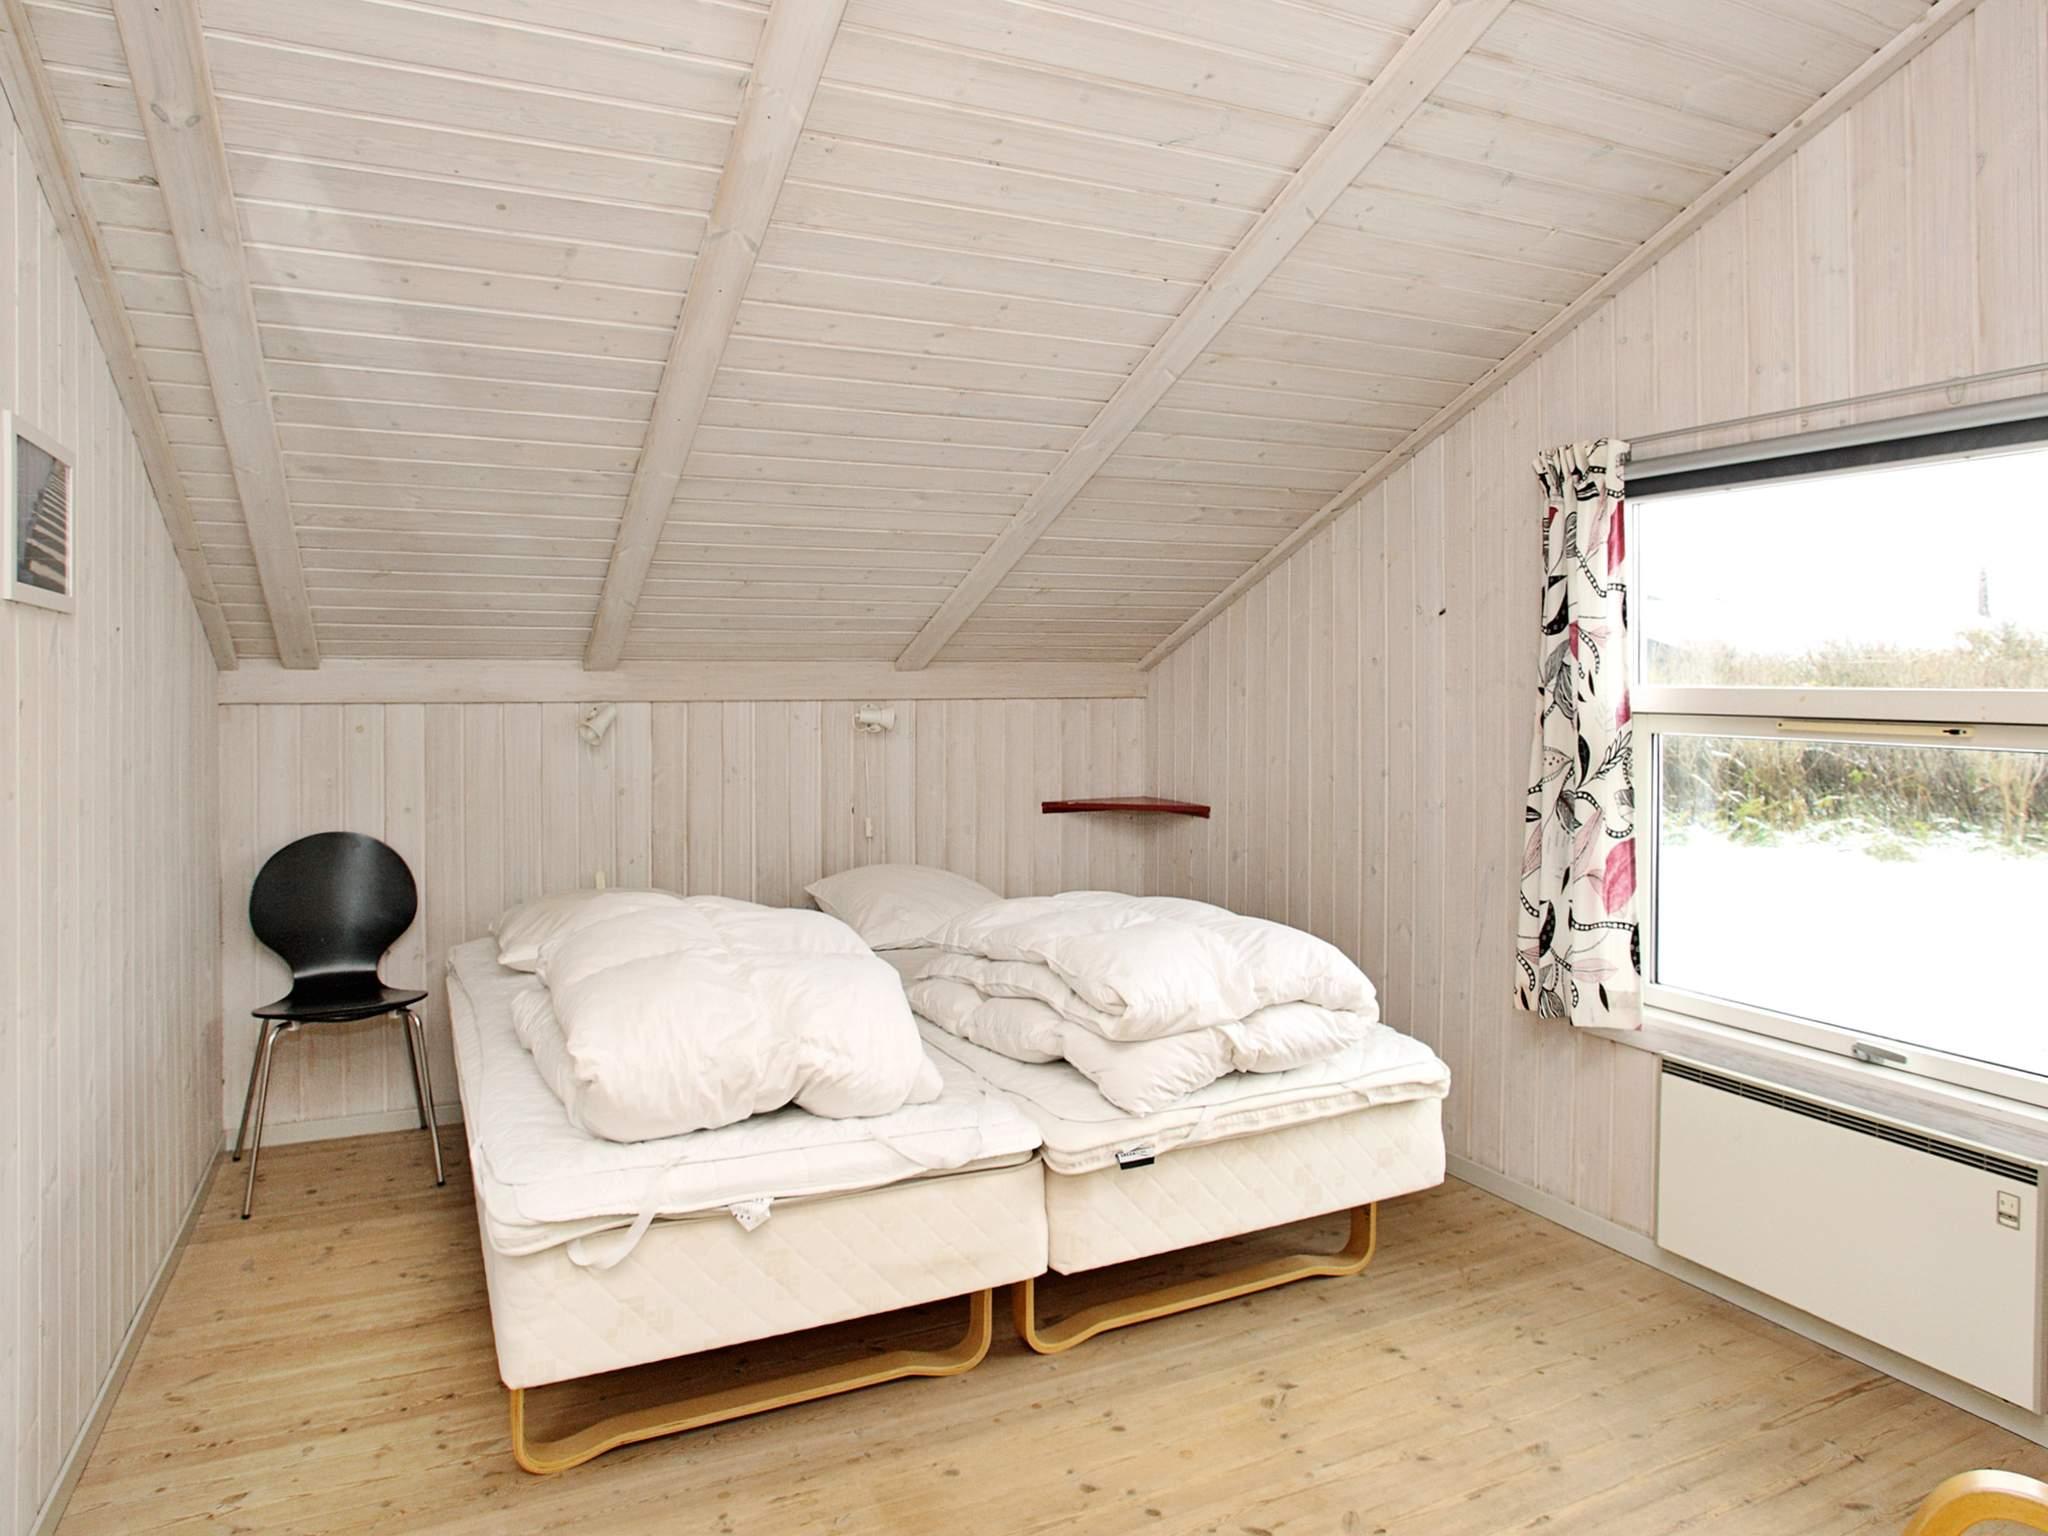 Ferienhaus Løkken (84407), Løkken, , Nordwestjütland, Dänemark, Bild 9